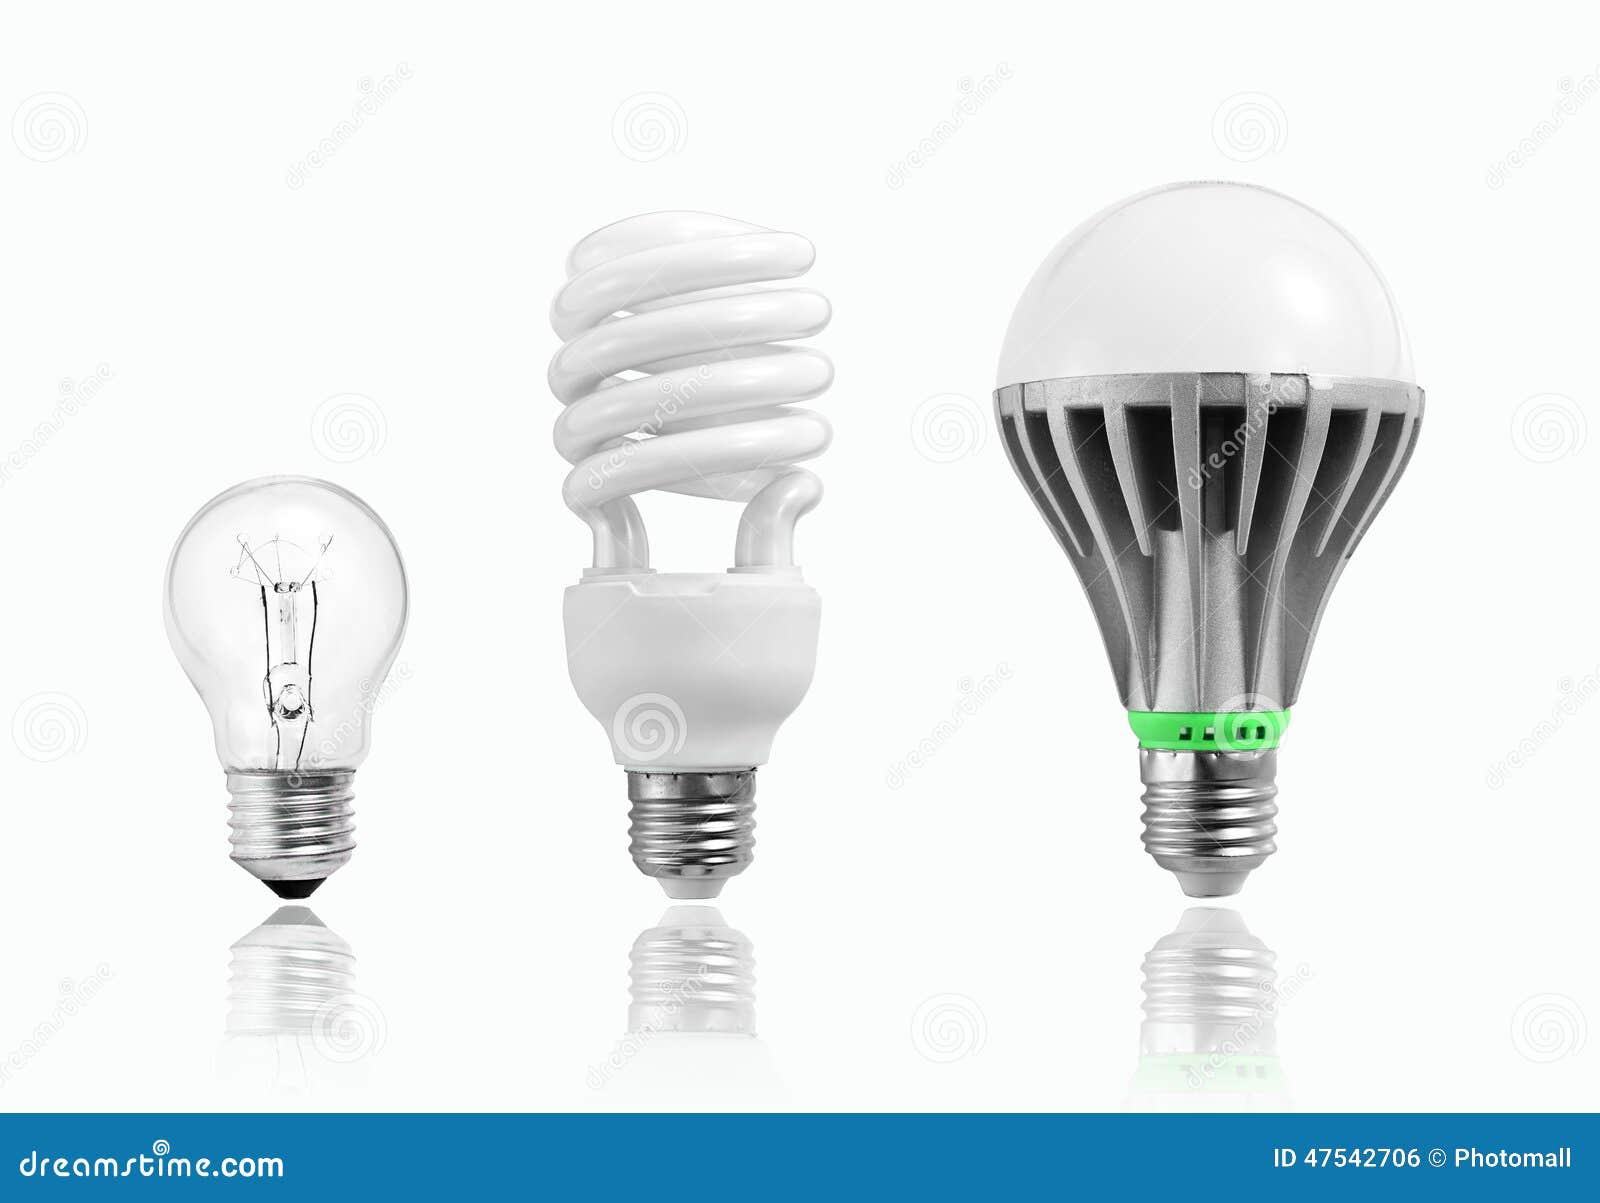 LED-Birne, Wolframbirne, Glühbirne, Leuchtstofflampe, Entwicklung des Beleuchtungs-, energiesparendem und Umweltschutzes